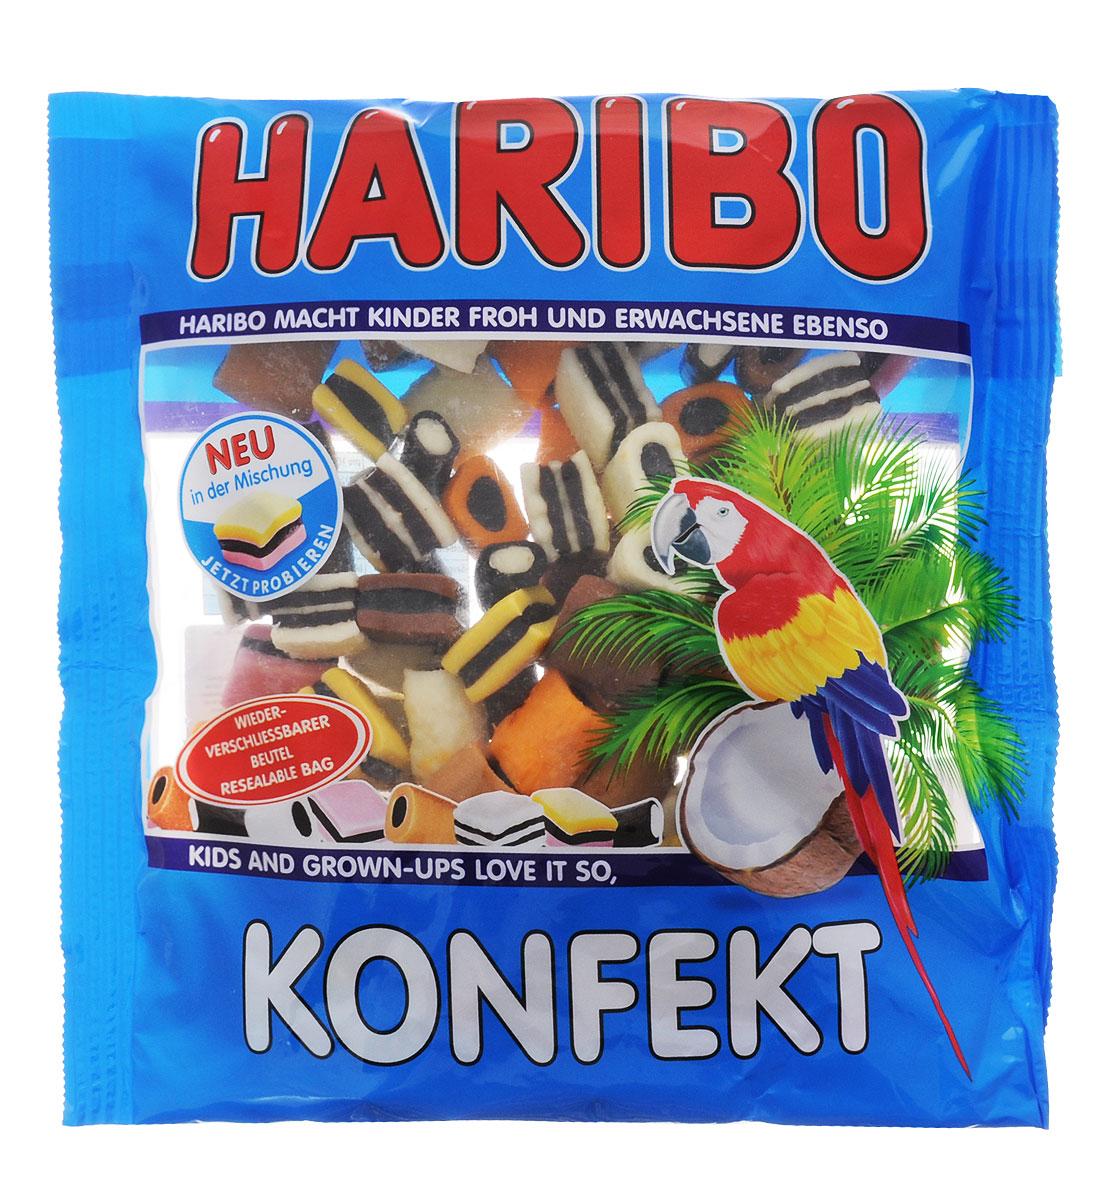 Haribo Konfekt конфеты жевательные с лакрицей и какао, 500 г15042Вы всегда хотели узнать, что такое лакрица, но боялись попробовать? Haribo Konfekt - это пожалуй лучший способ знакомства с лакричными сладостями! В сочетании с кокосом, какао, лимоном и клубникой, лакрица деликатно раскрывает свой вкус и помогает новичкам познать всю прелесть этой традиционной европейской сладости.